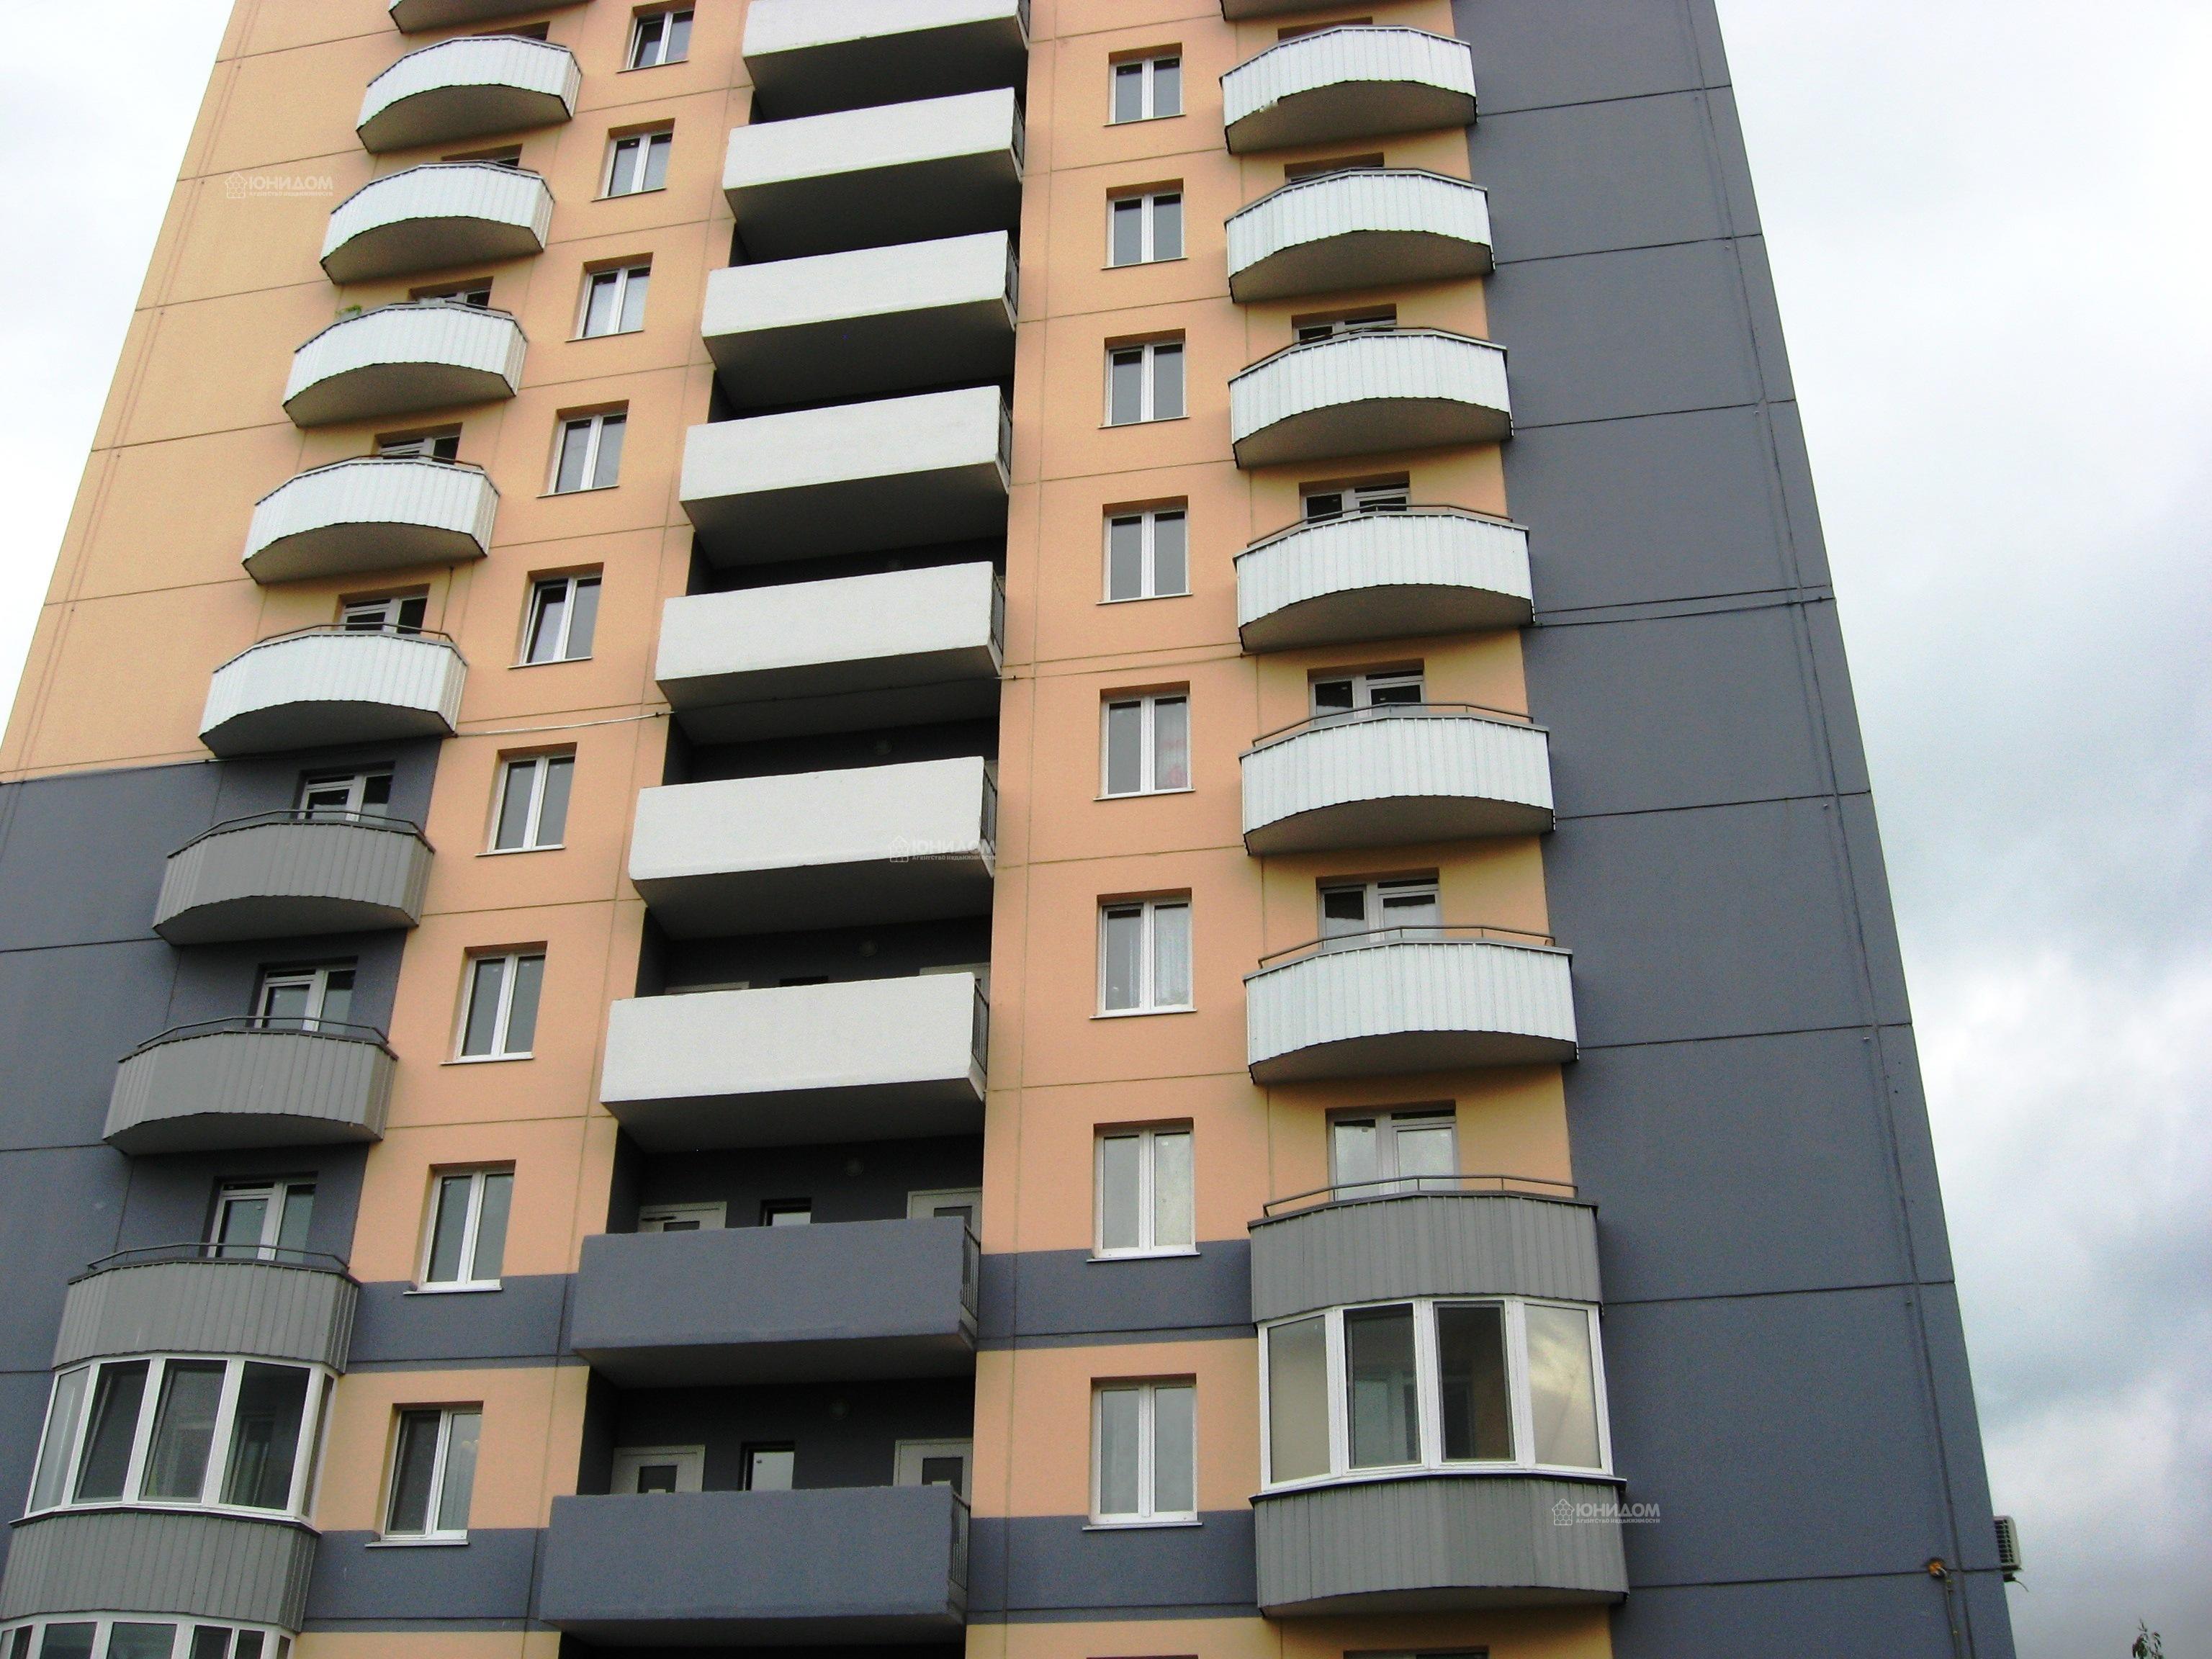 Продам 3-комн. квартиру по адресу Россия, Тюменская область, Тюмень, Беловежская 7 к1 фото 3 по выгодной цене